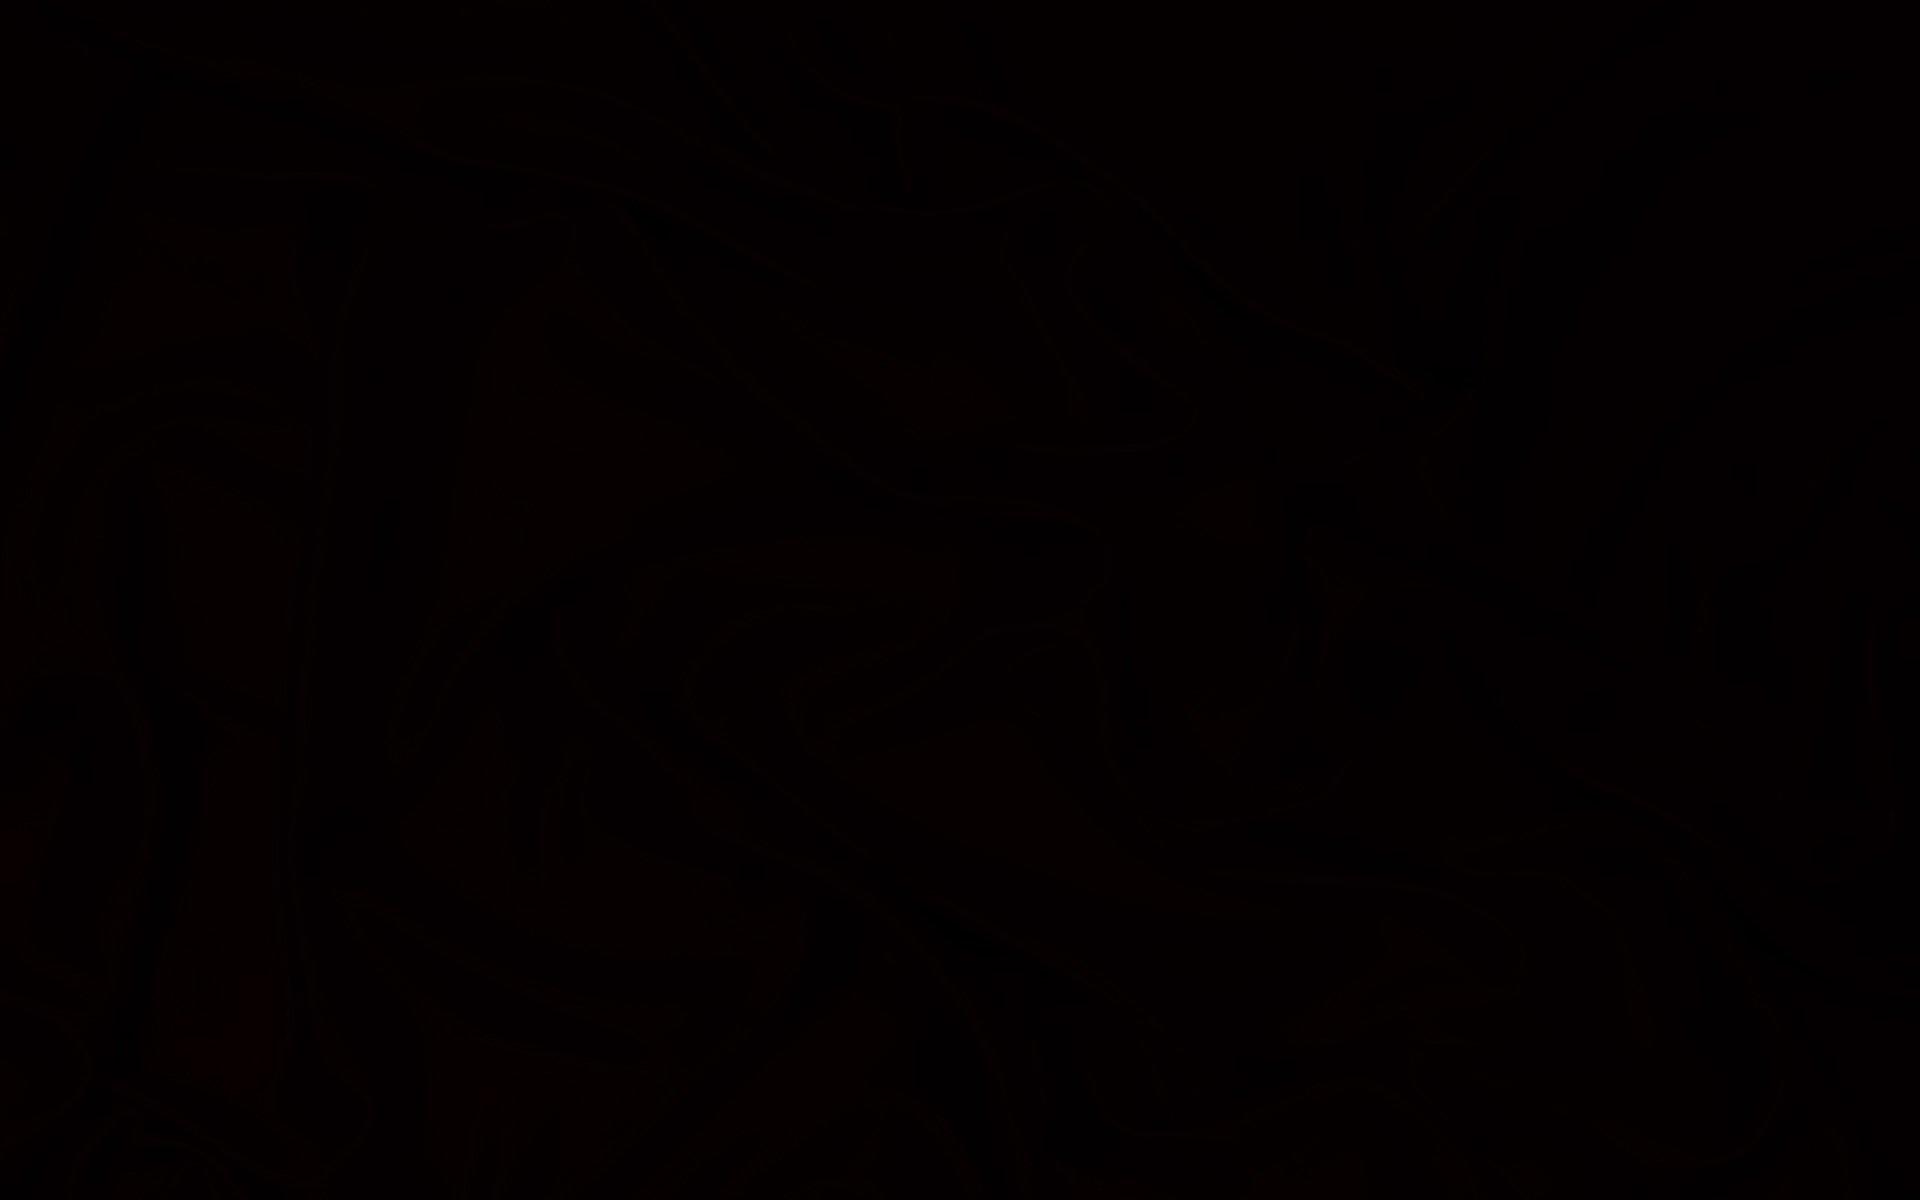 Cool Black Wallpapers Full Screen - WallpaperSafari